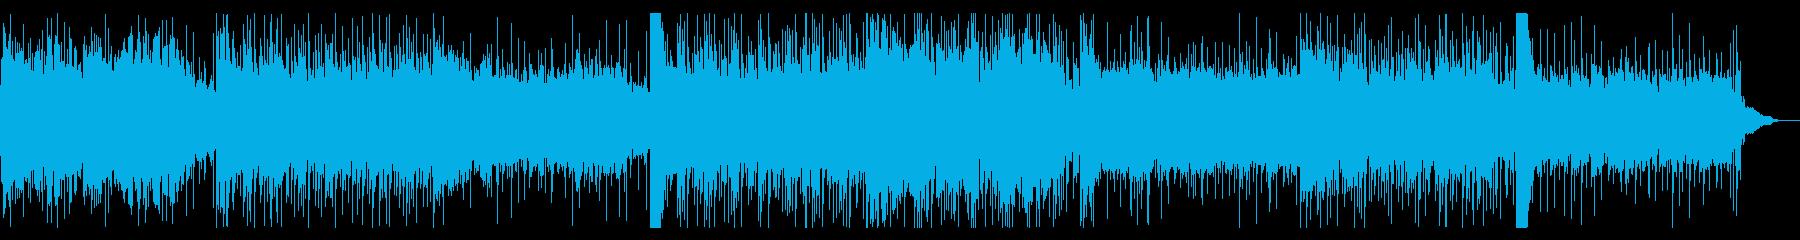 不思議な浮遊感のデジタルテクスチャーの再生済みの波形